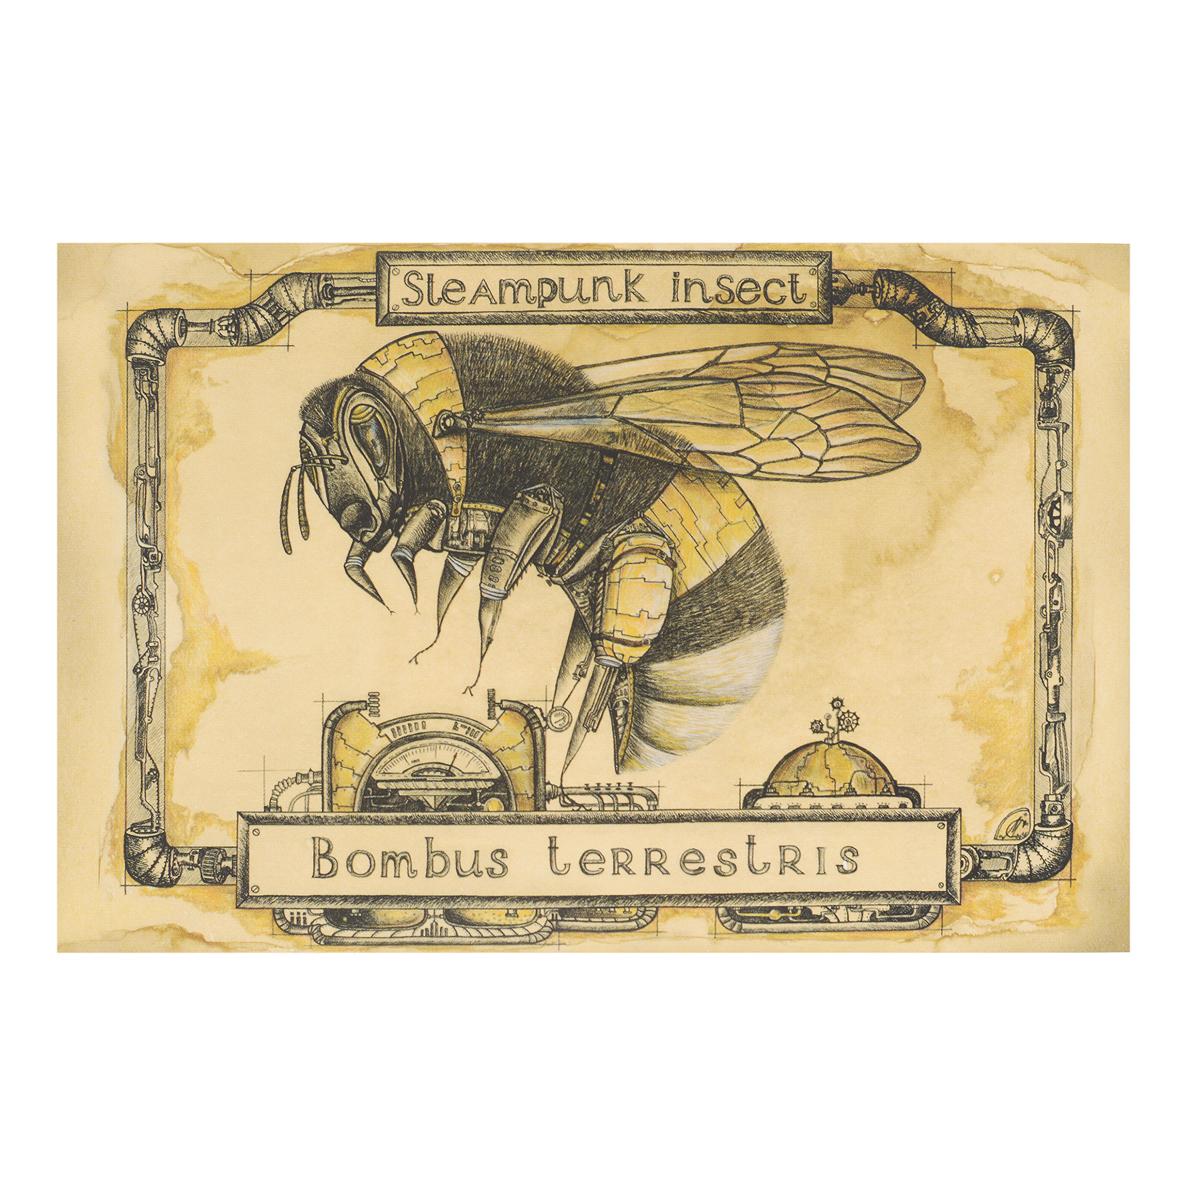 Открытка Steampunk Insect. Шмель. Автор Мария СкородумоваSM10-006Оригинальная дизайнерская открытка Шмель из серии Steampunk Insect выполнена из плотного матового картона. На лицевой стороне расположена репродукция картины художницы Марии Скородумовой.Такая открытка станет великолепным дополнением к подарку или оригинальным почтовым посланием, которое, несомненно, удивит получателя своим дизайном и подарит приятные воспоминания.